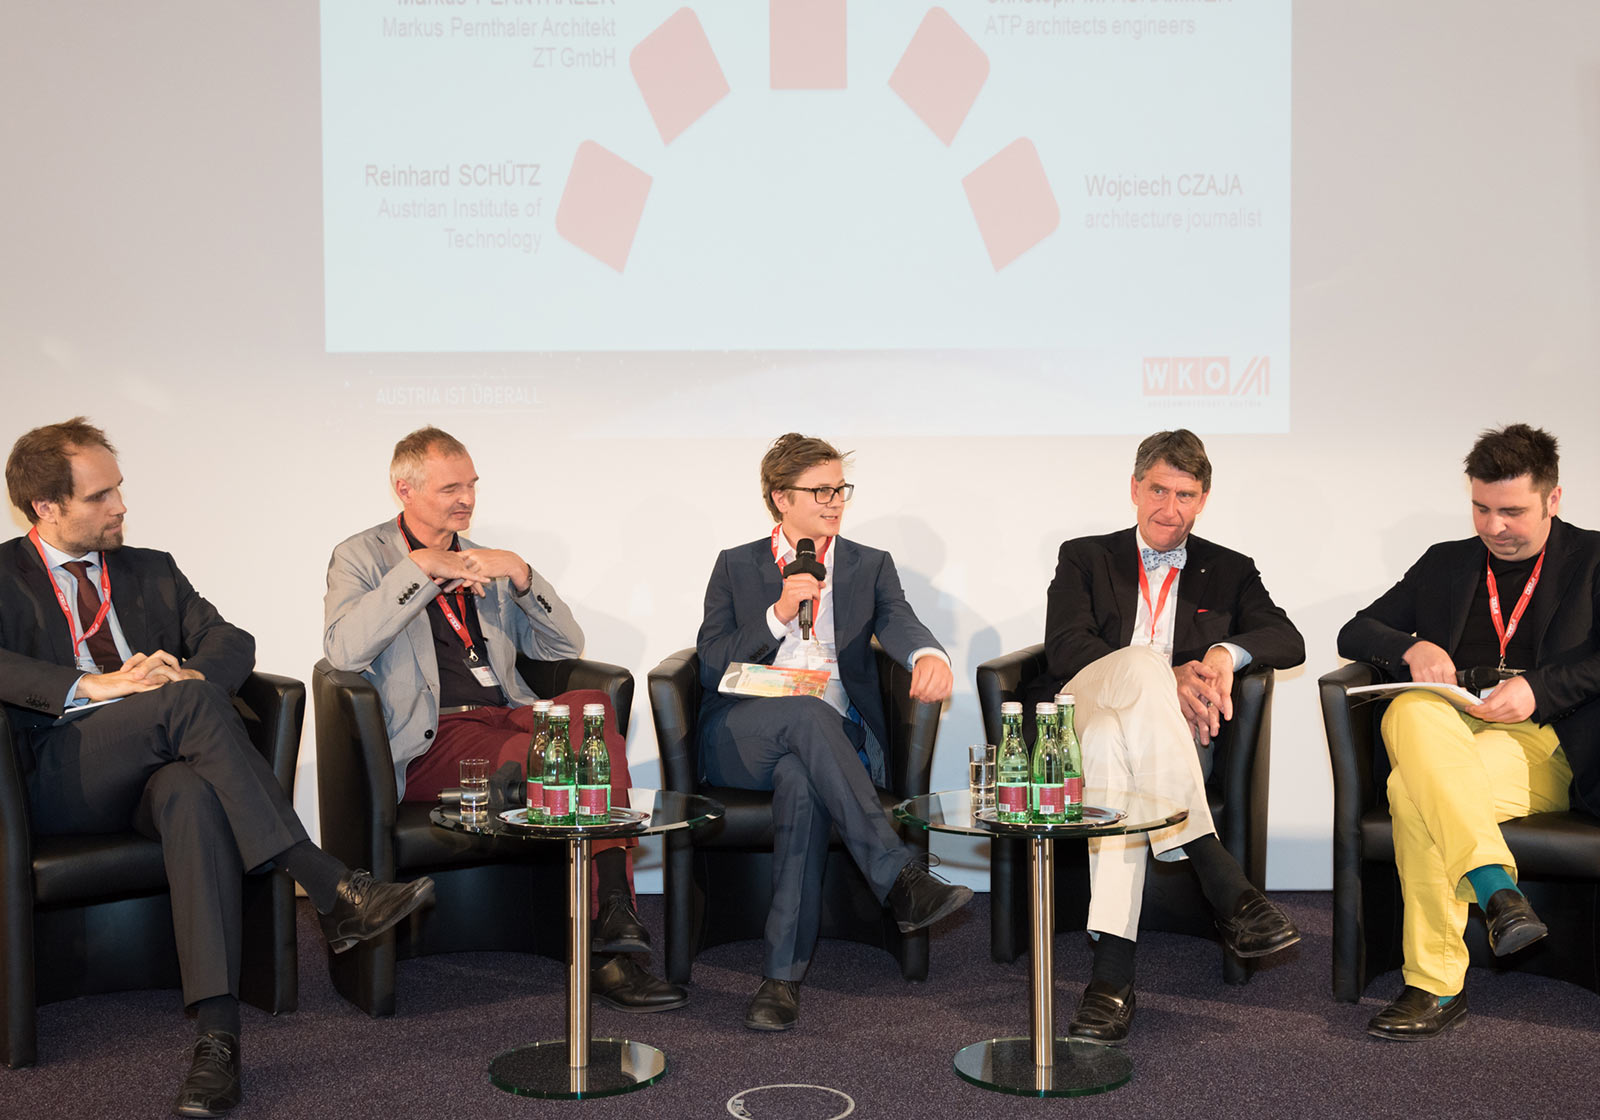 Райнхард Шютц, Маркус Пернталер, Даниэль Гласер, Кристоф М. Ахаммер (председатель правления холдинга ATP) и ведущий Войцех Сцая (Der Standard) во время подиумной дискуссии (слева направо). Источник фото: ATP